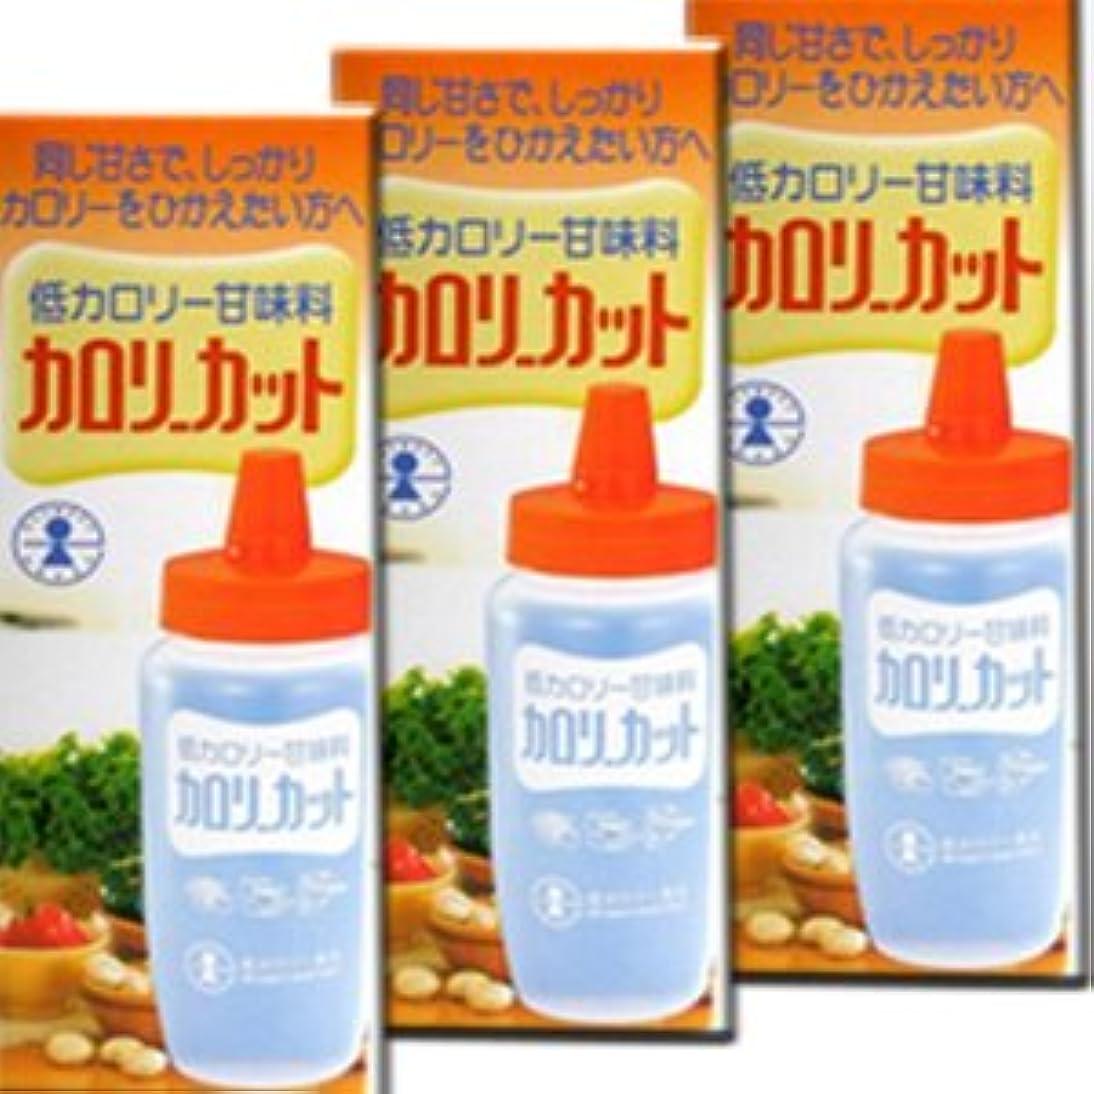 シャーイノセンス風変わりな【3個】低カロリー甘味料 カロリーカット 500gx3個 (4970511225000)